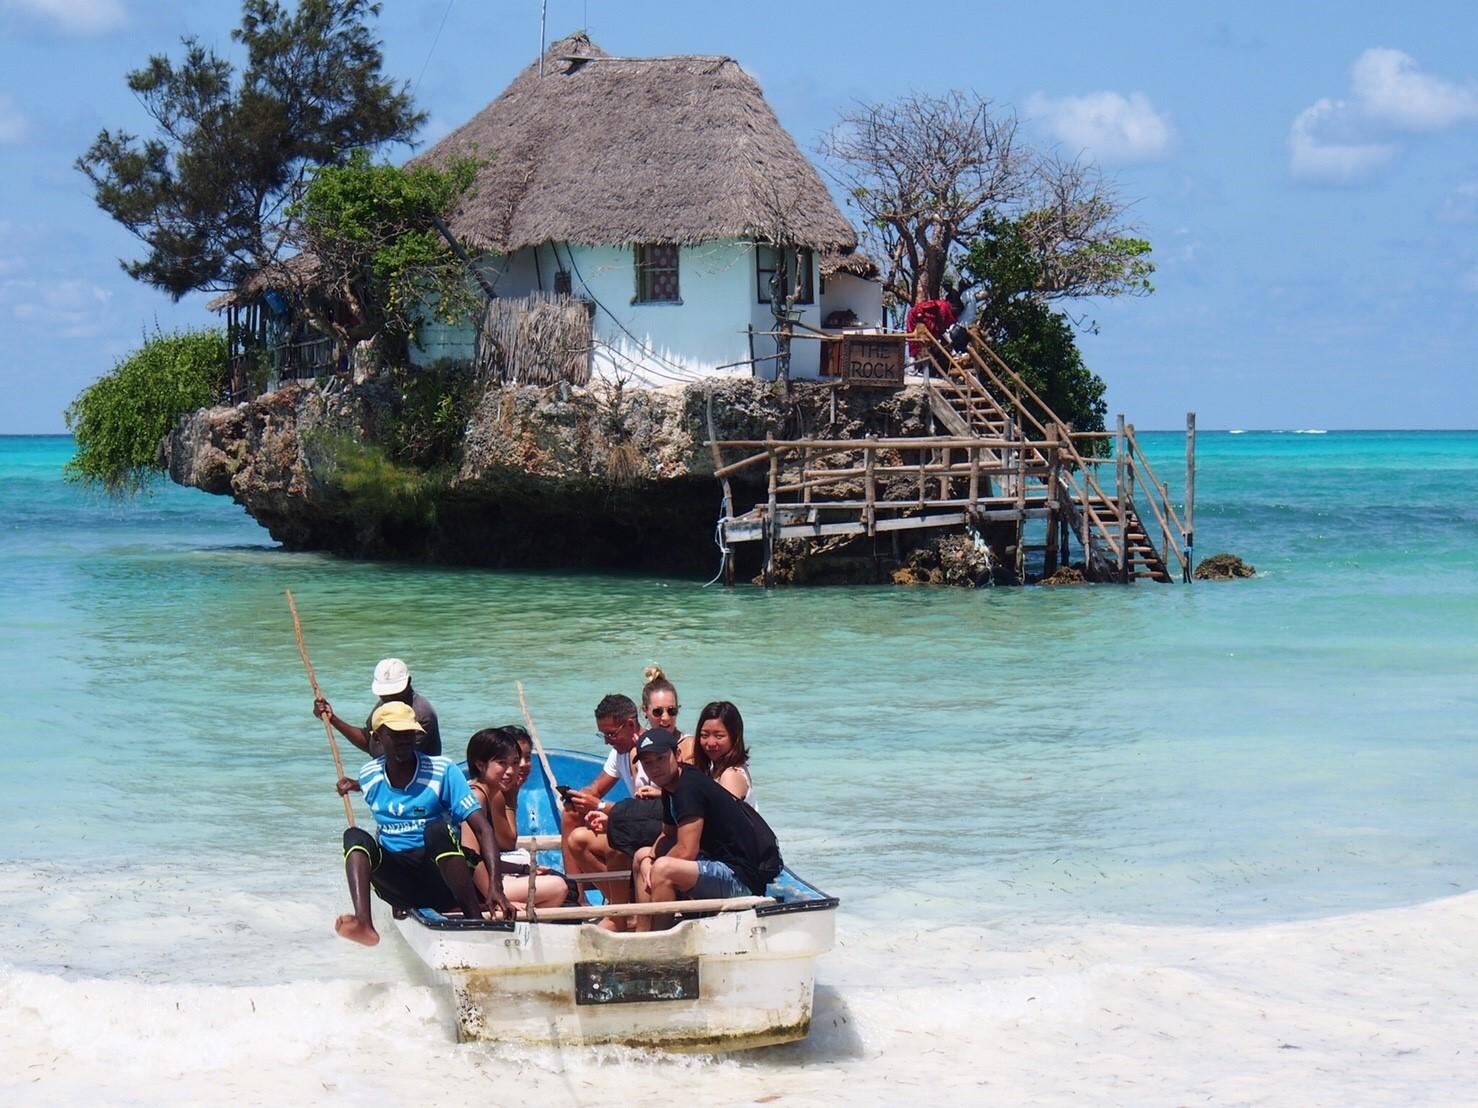 天国のような海の上の絶景レストラン🌊🍹ザンジバル(タンザニア)